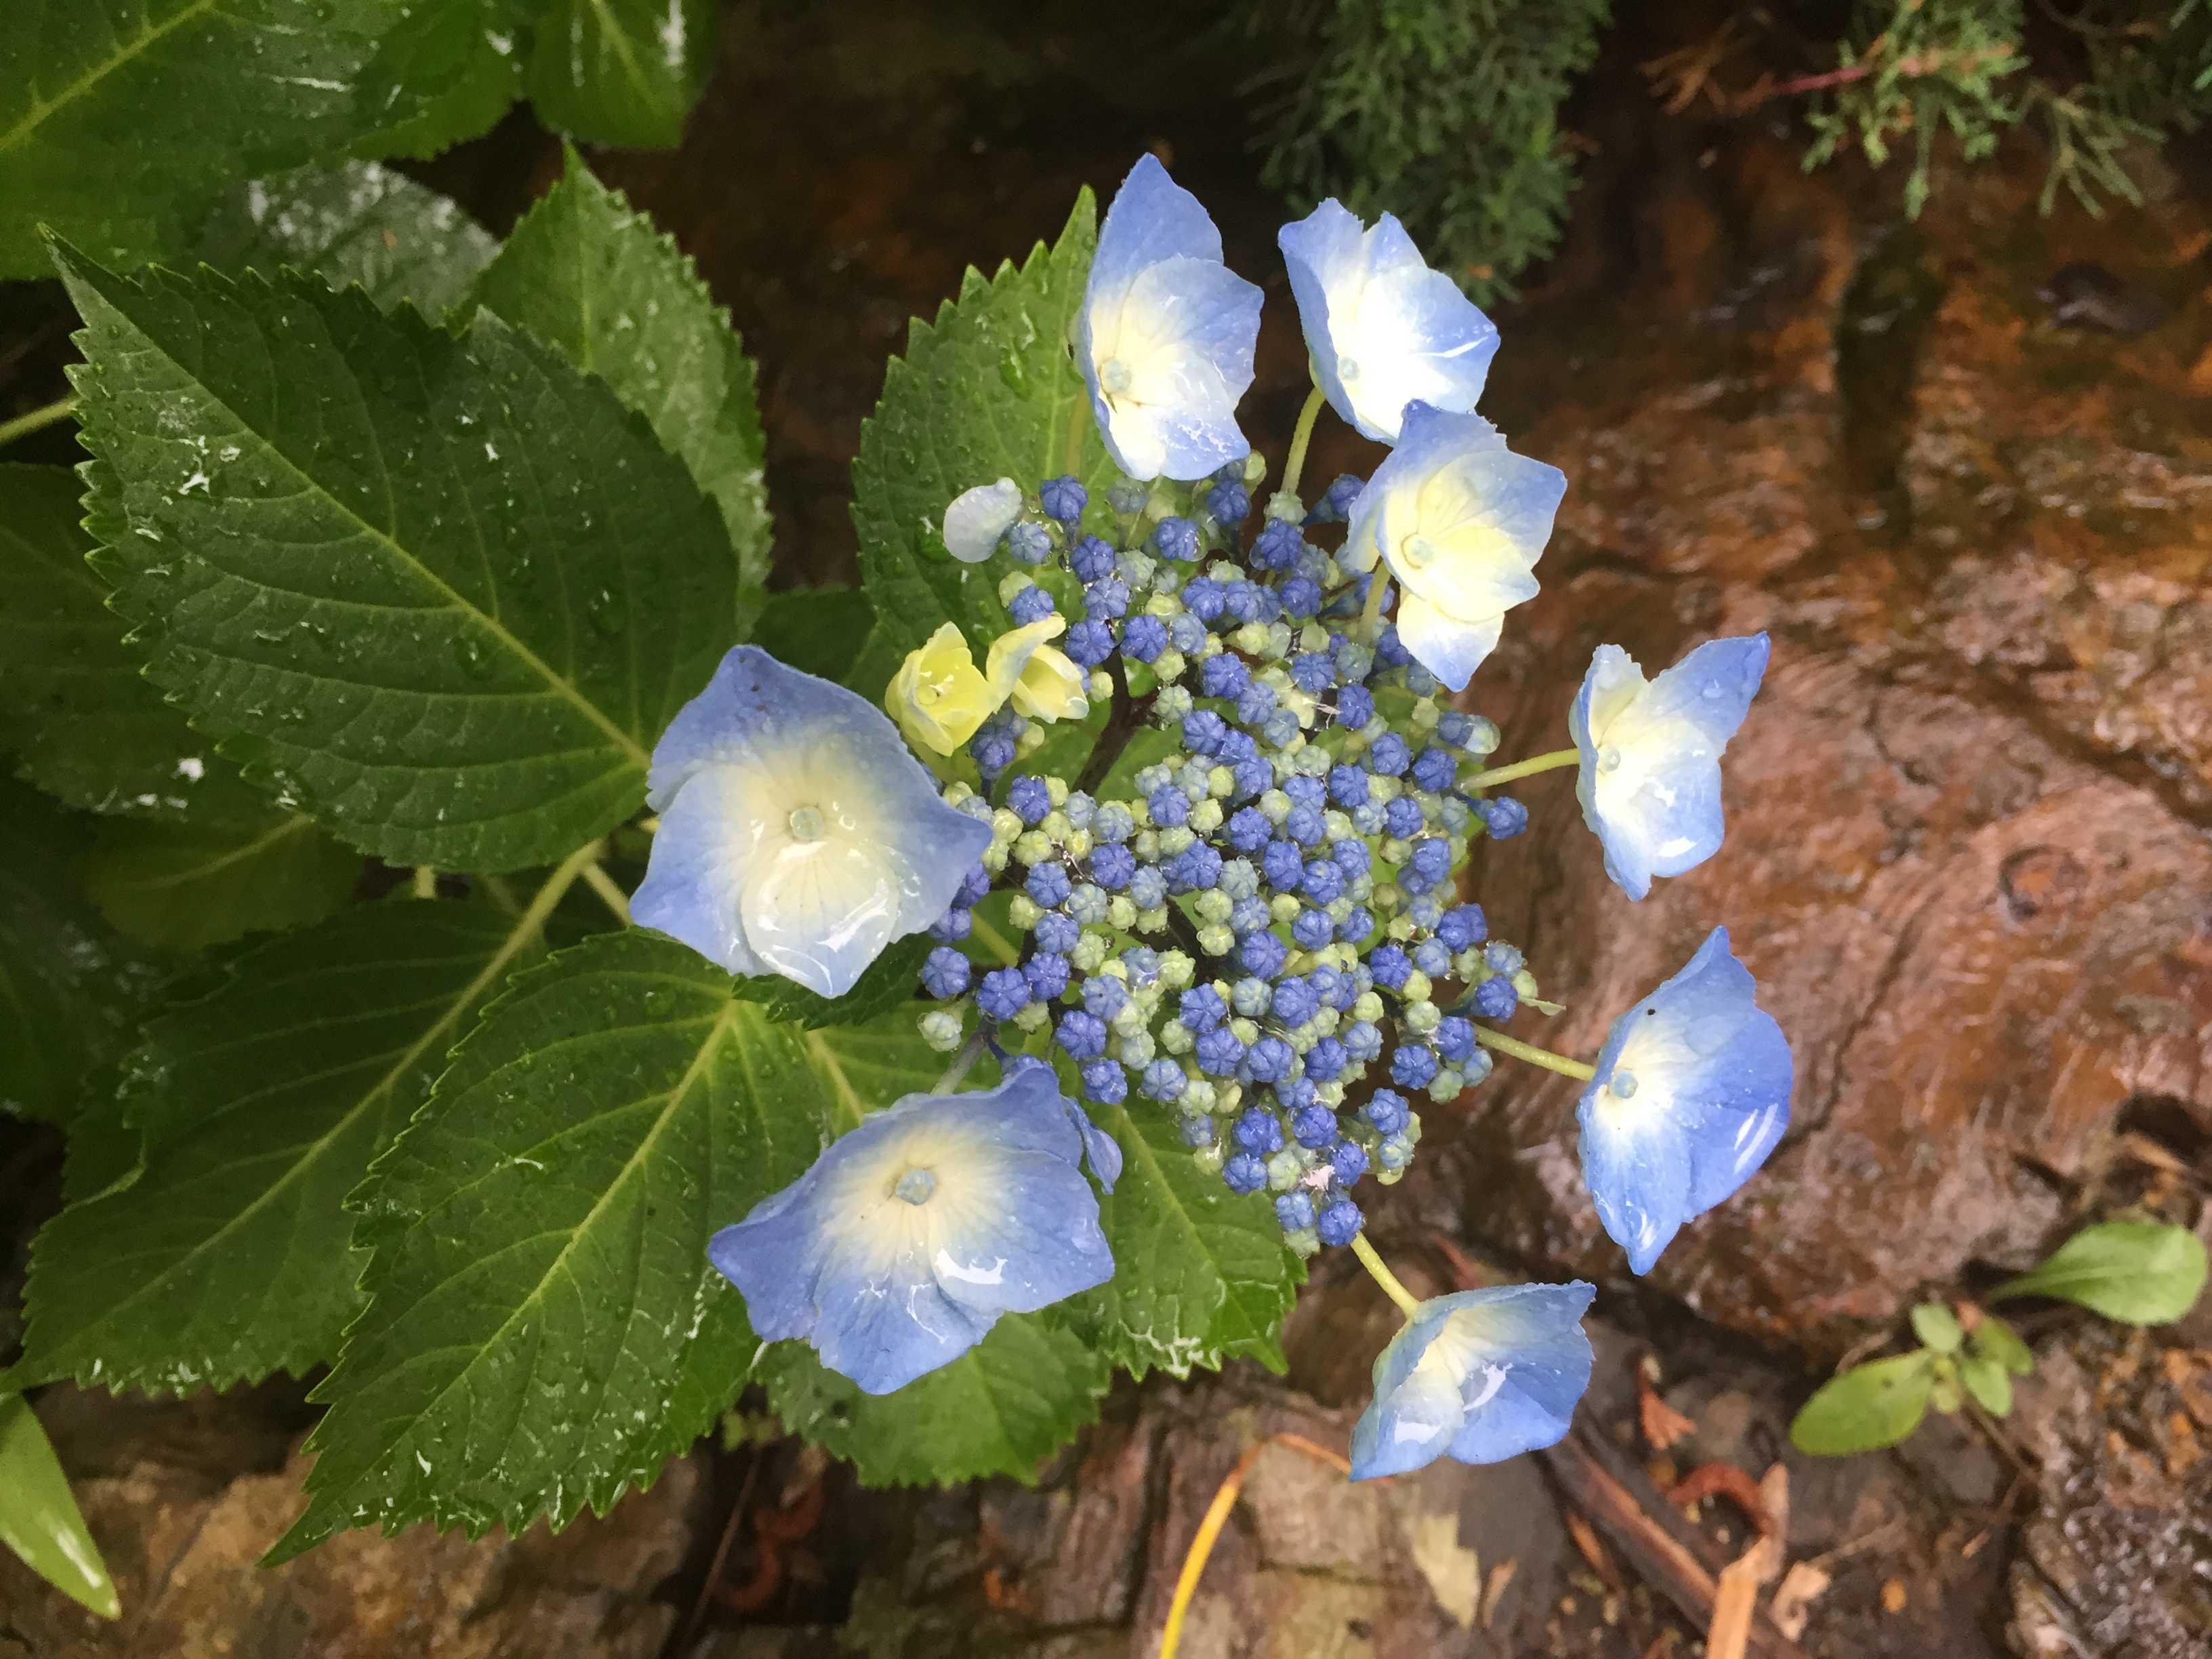 木化石をバックに咲くガクアジサイ(額紫陽花)